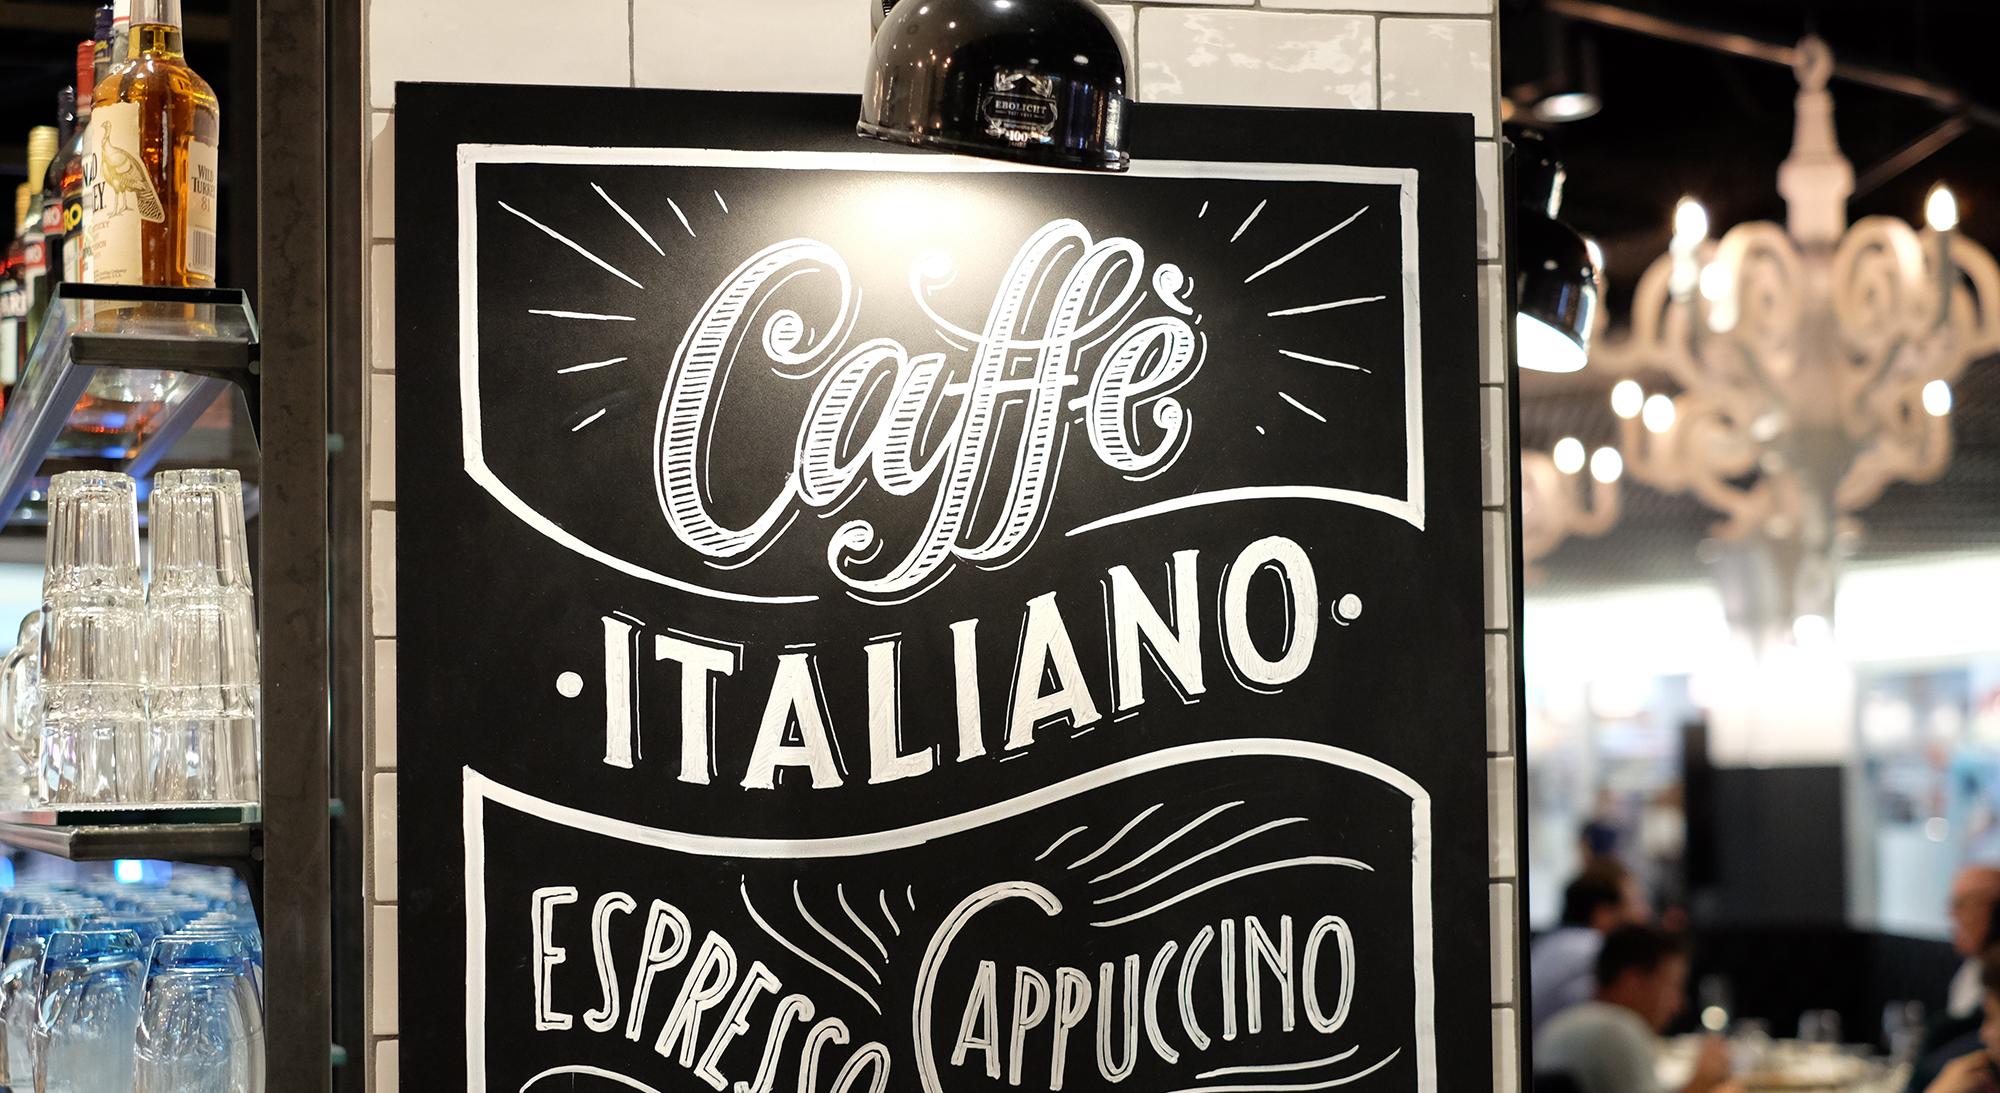 Ristorante Spiga, Tivoli Foodcourt, caffè italiano Kreidetafel, Schriftenmalerei, Wandbeschriftung, hand gemalt, Tafelbeschriftung, Tafelmaler